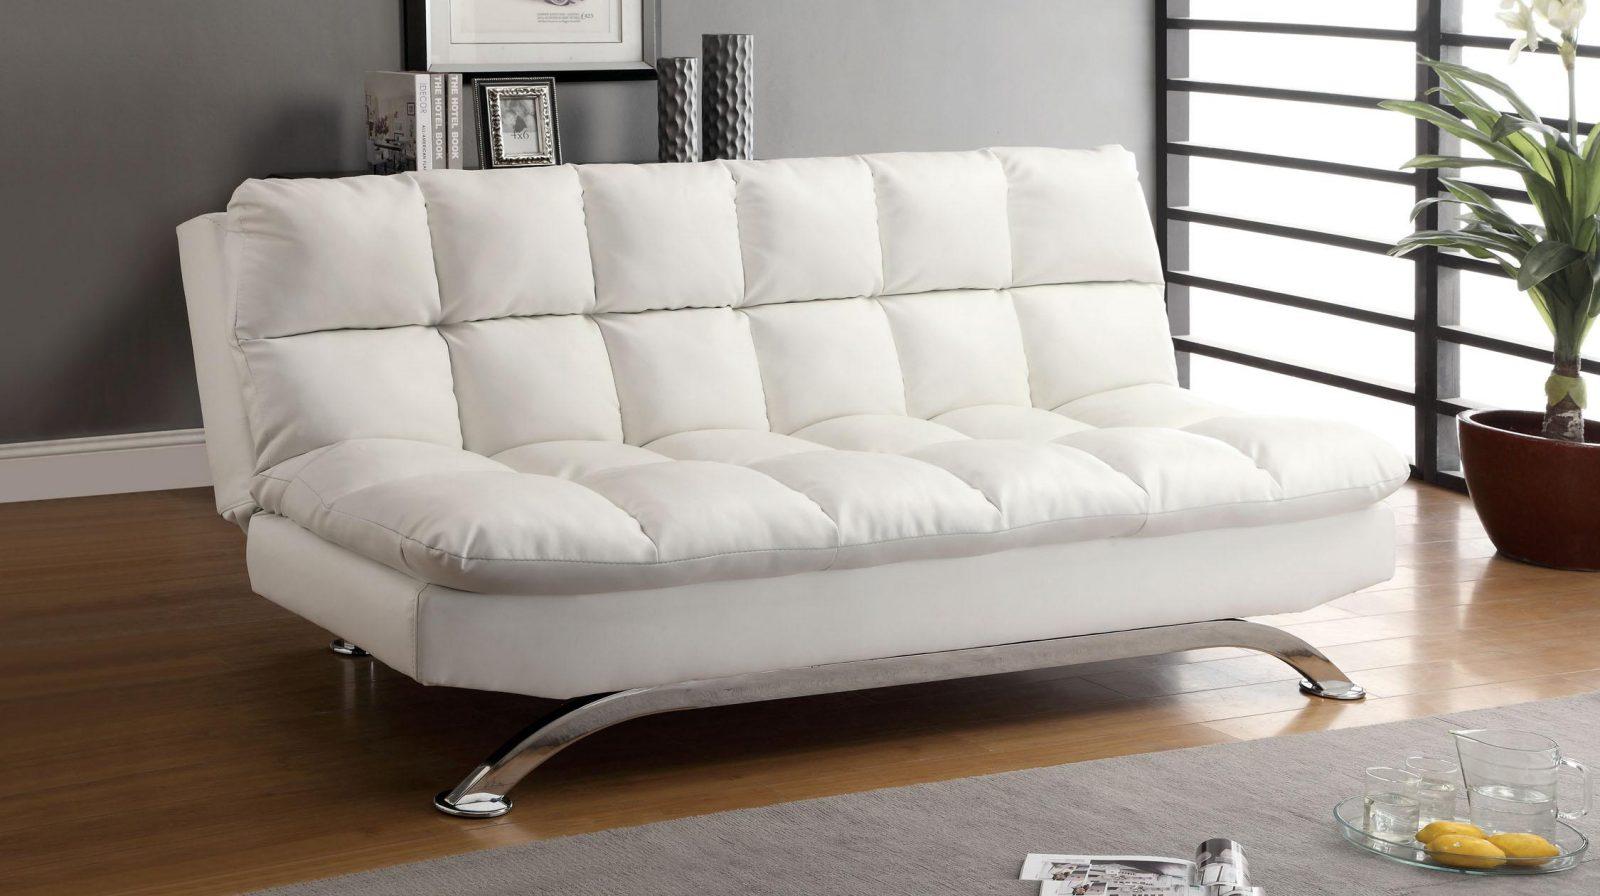 Sof s para la decoraci n de interiores en for Sofa convertible en cama